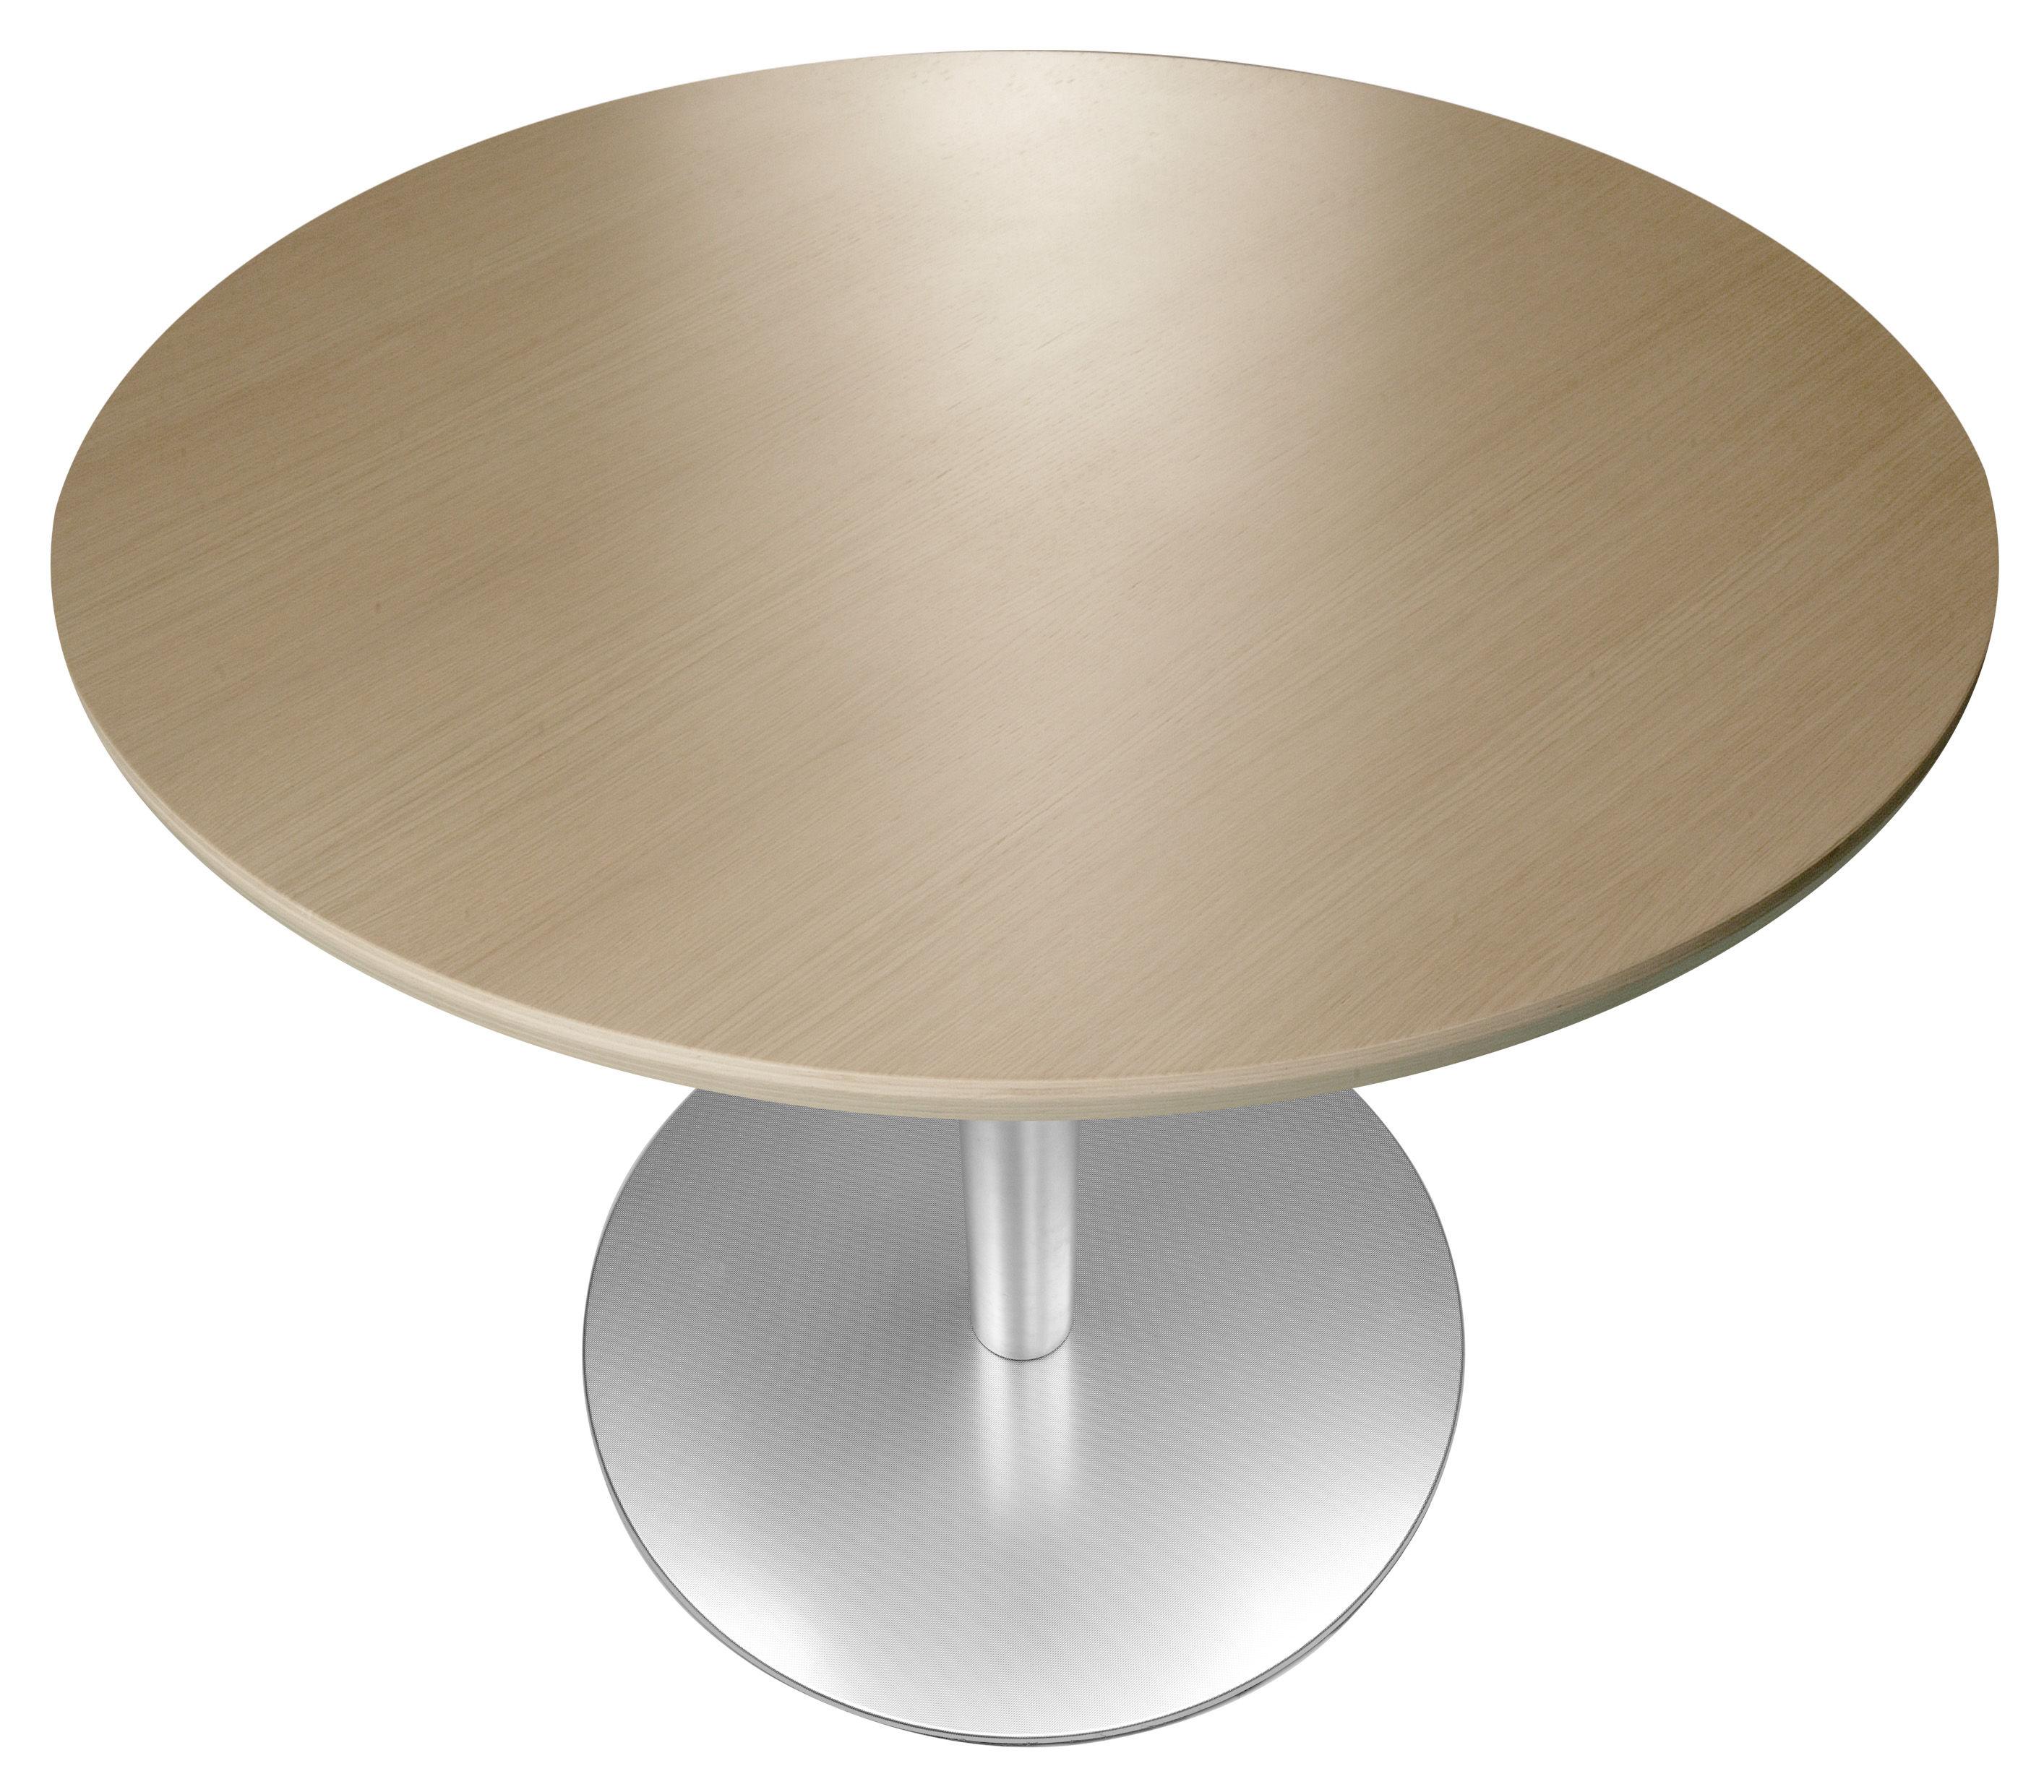 Möbel - Stehtische und Bars - Rondo Höhenverstellbarer Tisch / Ø 90 cm - Lapalma - Eiche gebleicht - eloxiertes Aluminium, gebleichte Eiche